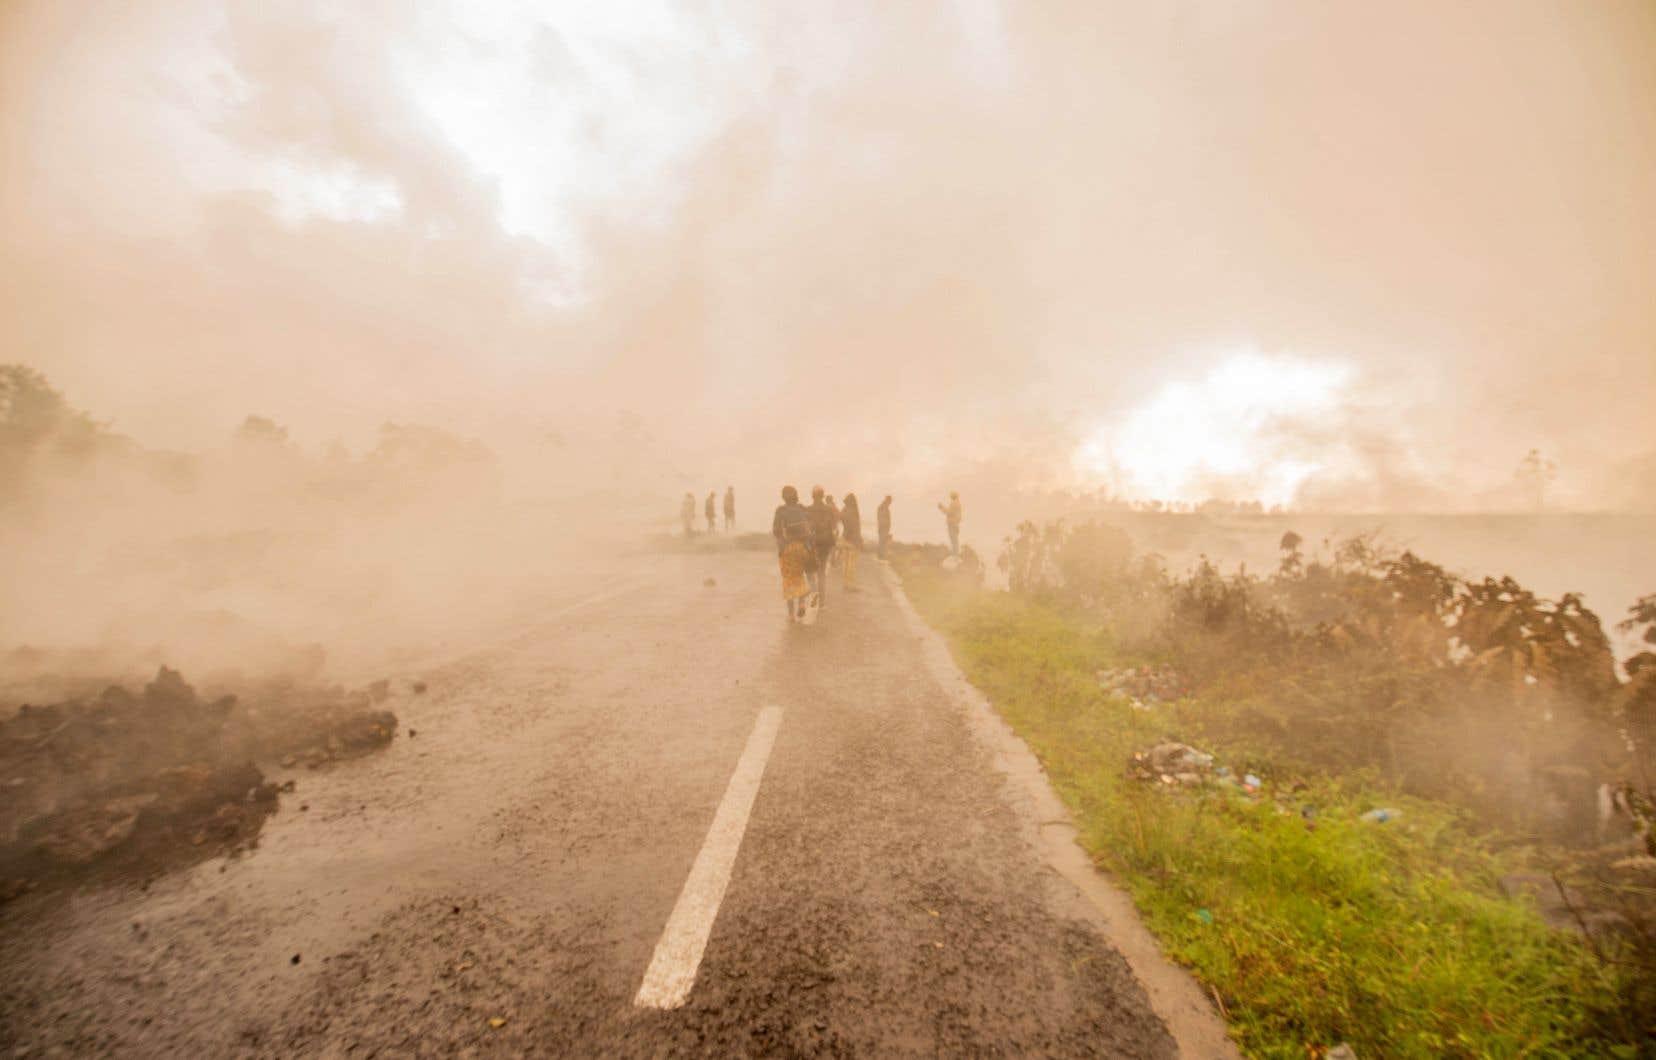 Lundi, la lave rocheuse noirâtre était encore chaude, de la fumée se dégageant par endroits. Des piétons s'aventuraient sur la lave, malgré les risques liés aux vapeurs toxiques, traversant la route là où elle a été ensevelie.